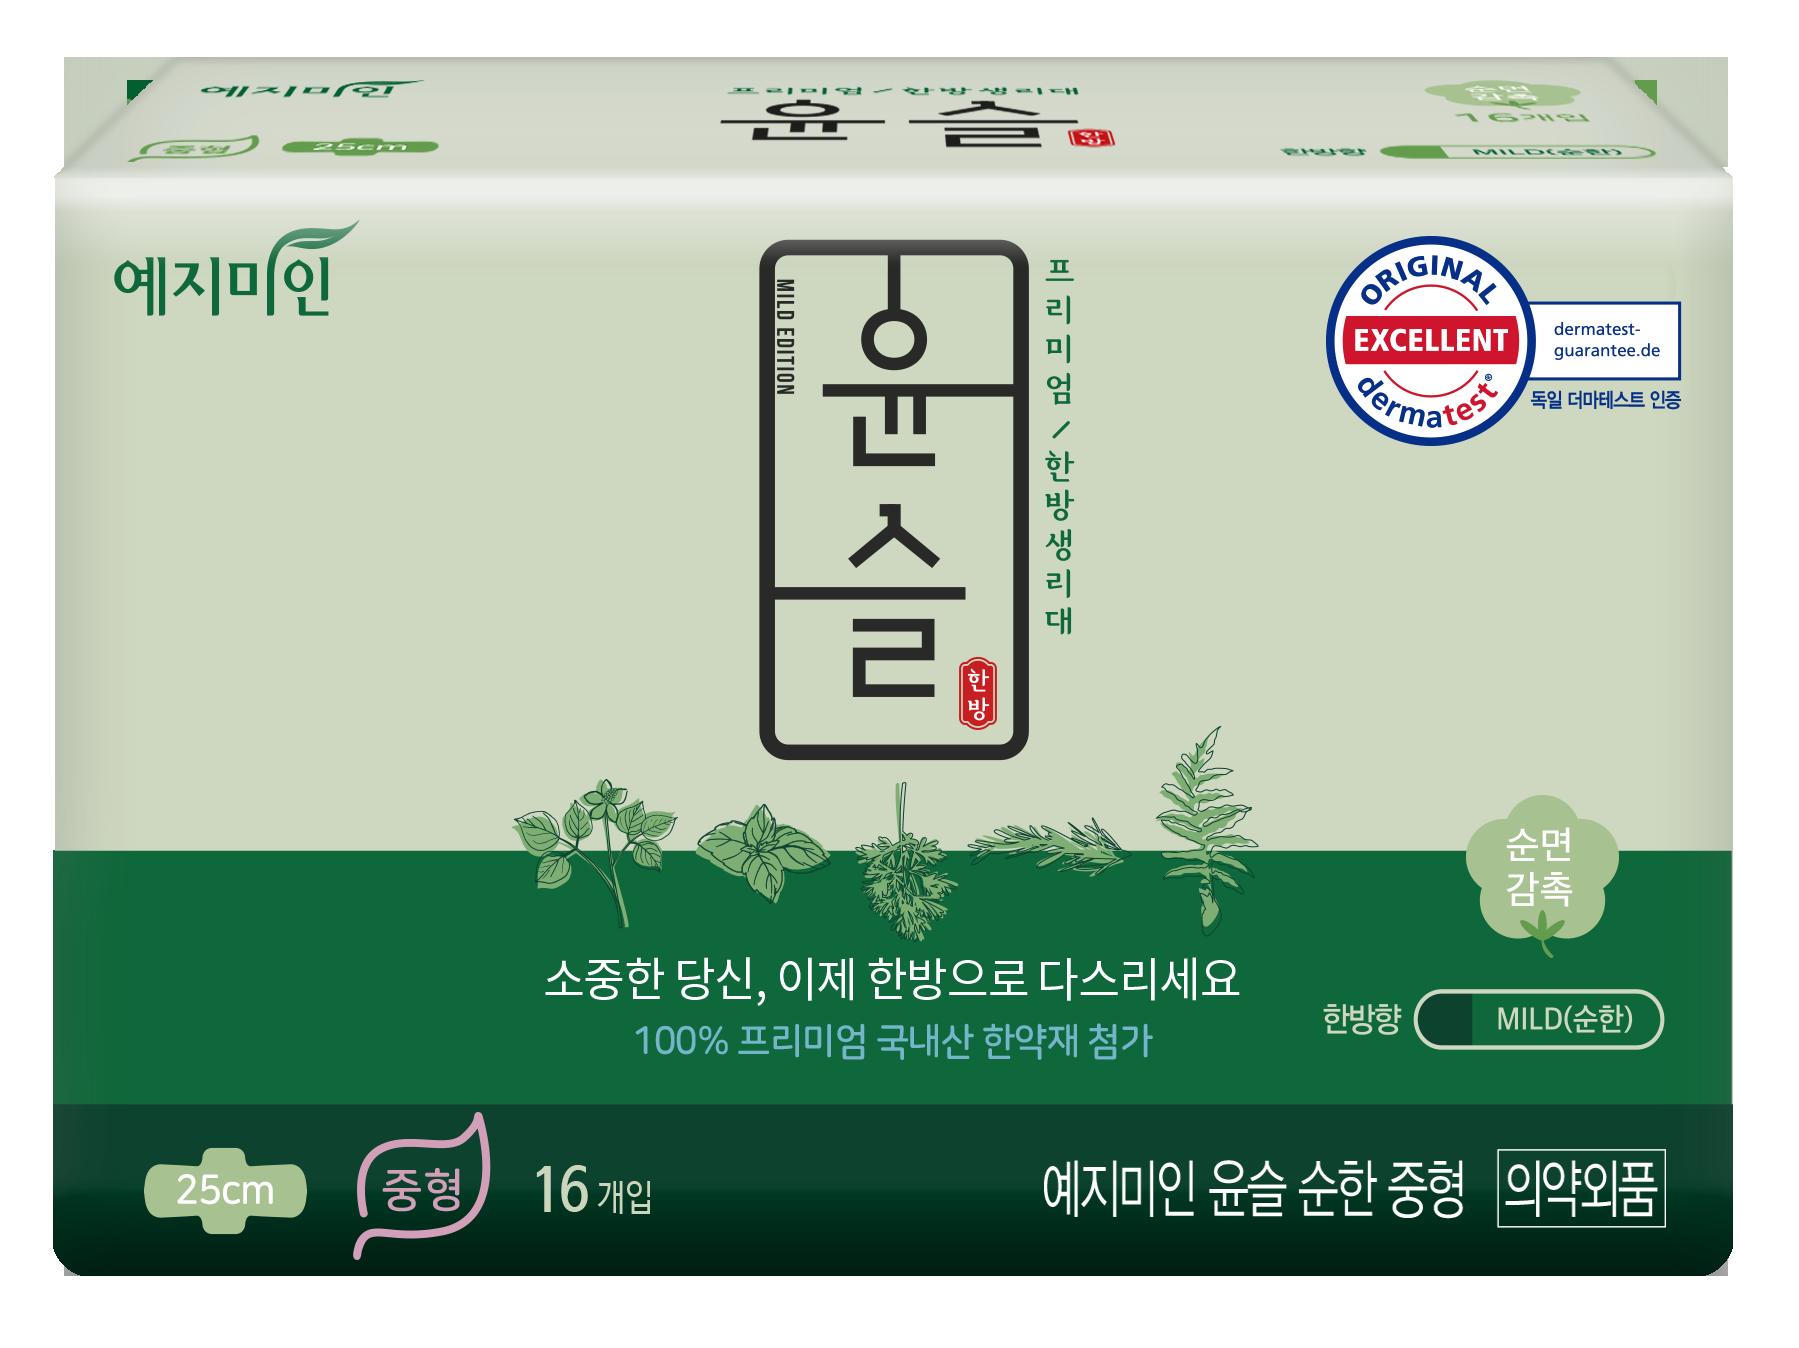 YEJIMIIN Mild Herb Cotton Sanitary Pads 16P (Medium) Хлопковые гигиенические травяные прокладки 16 шт средние, 25 см - YEJIMIIN